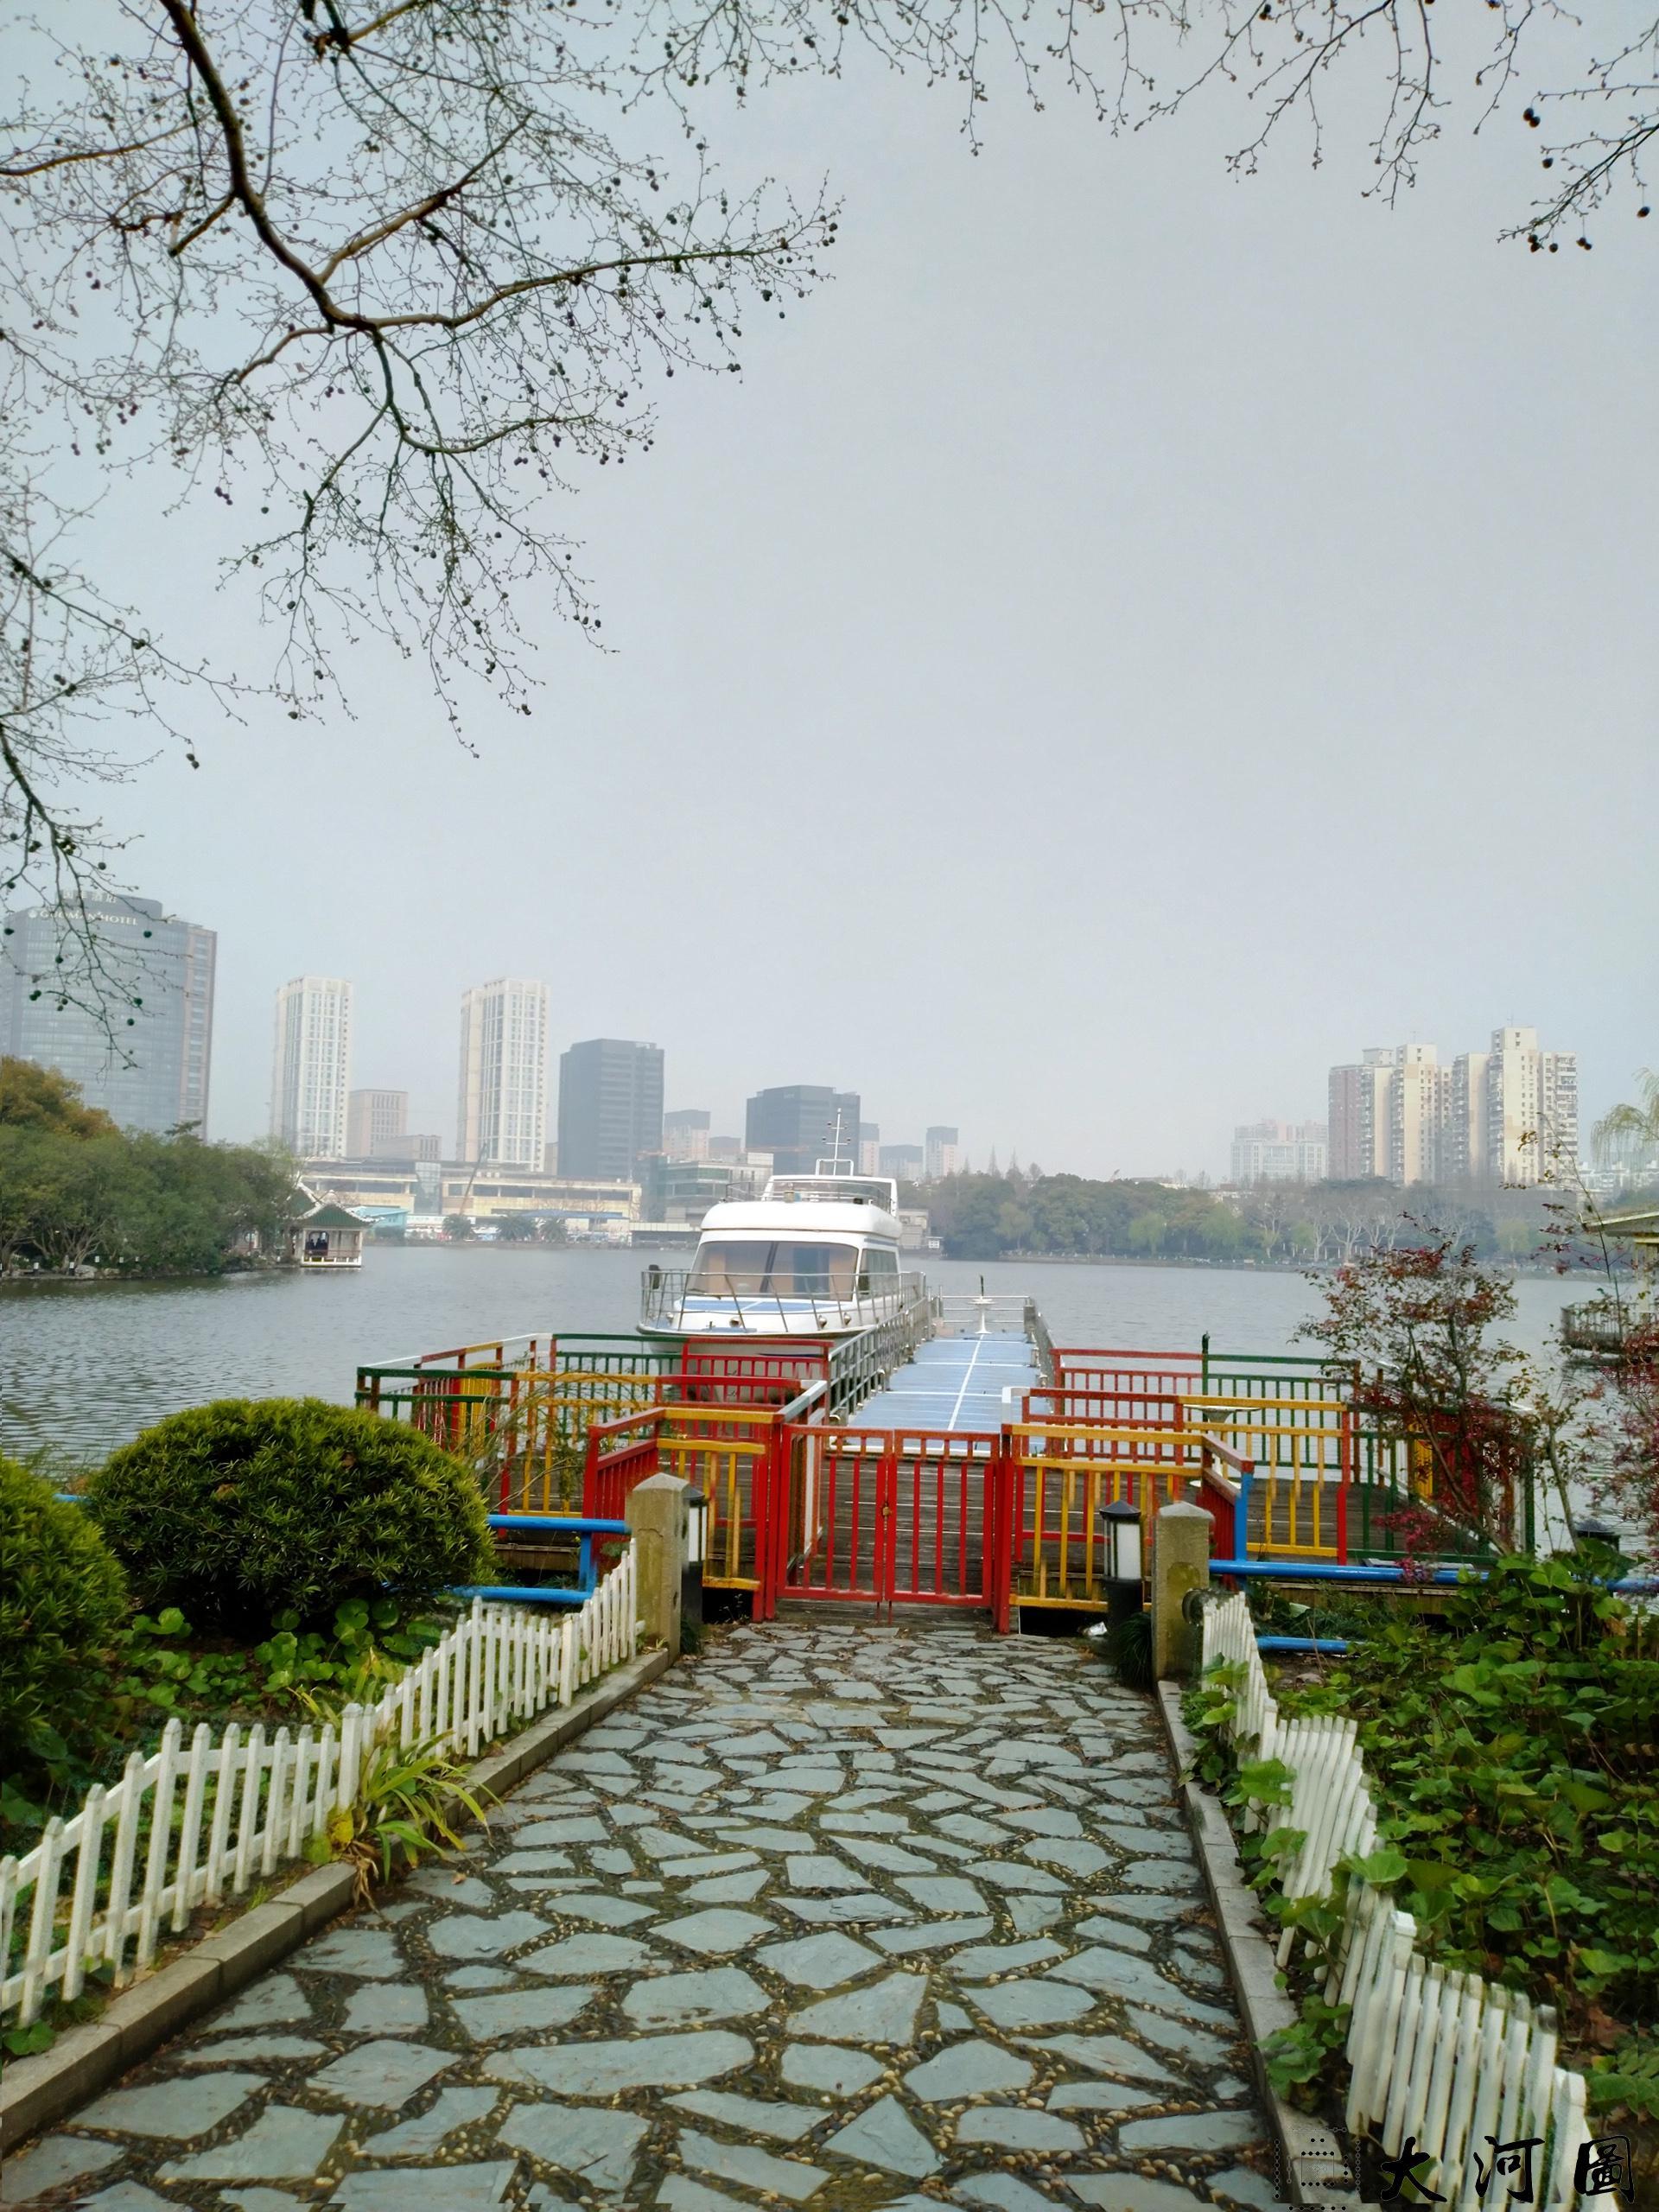 上海长风公园初春之景色幽暗灰沉 摄影 第16张